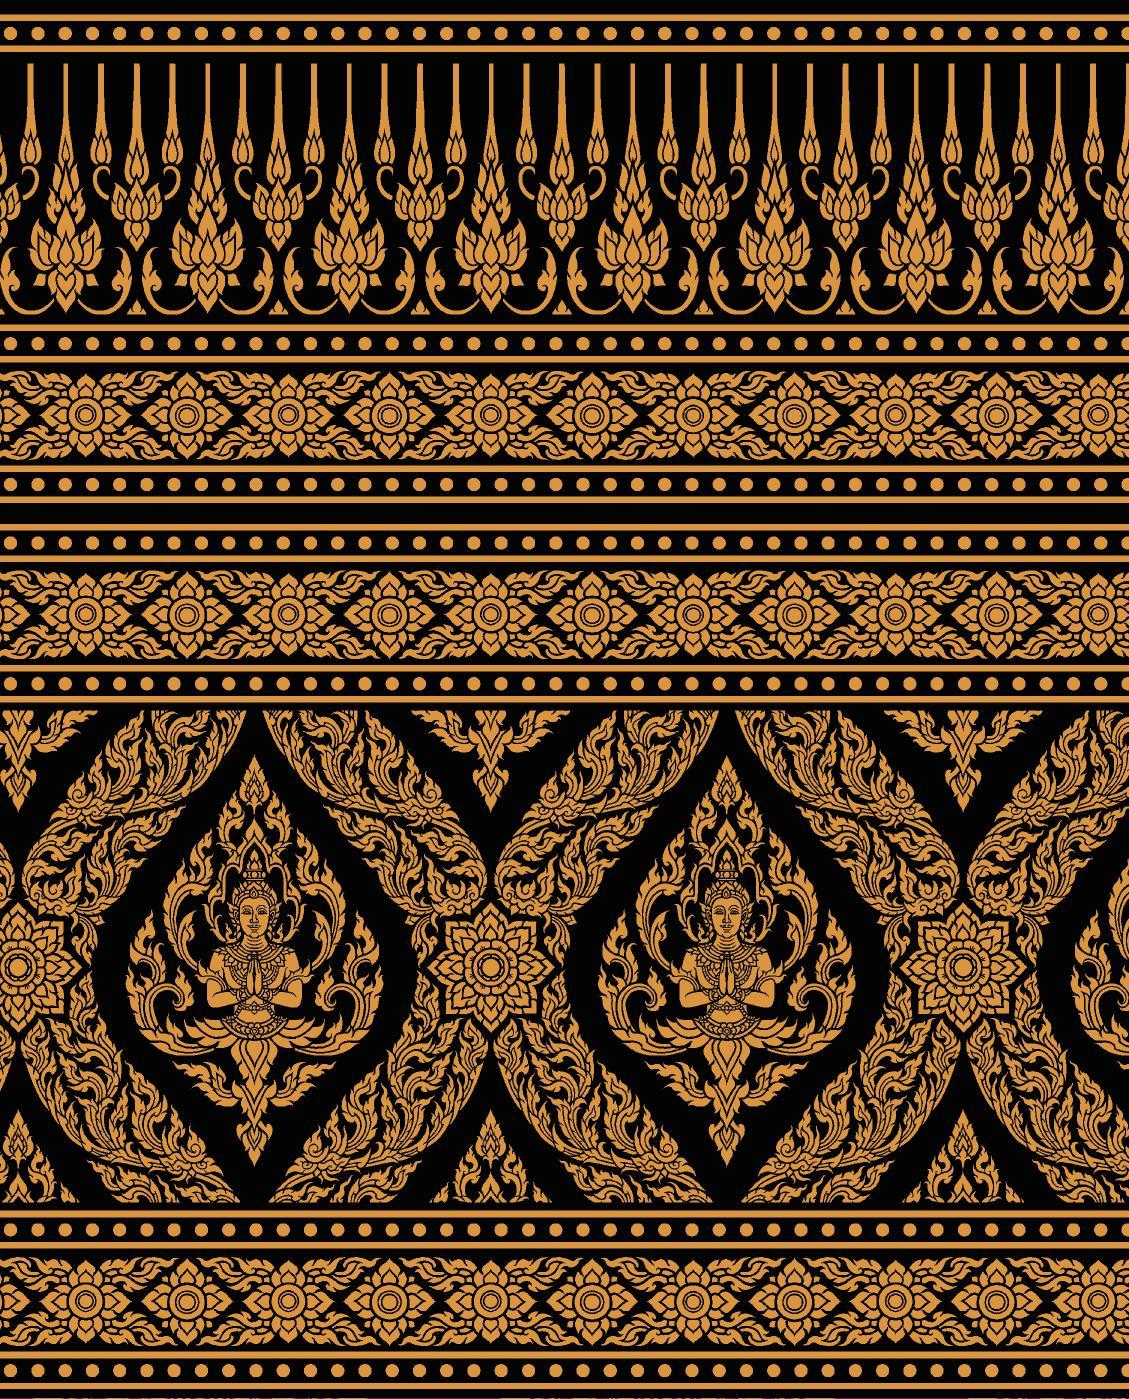 วอลเปเปอร์ (บอร์ดเดอร์) ลายไทย - ลายเทพพนม ทอง-ดำ : BD122-10